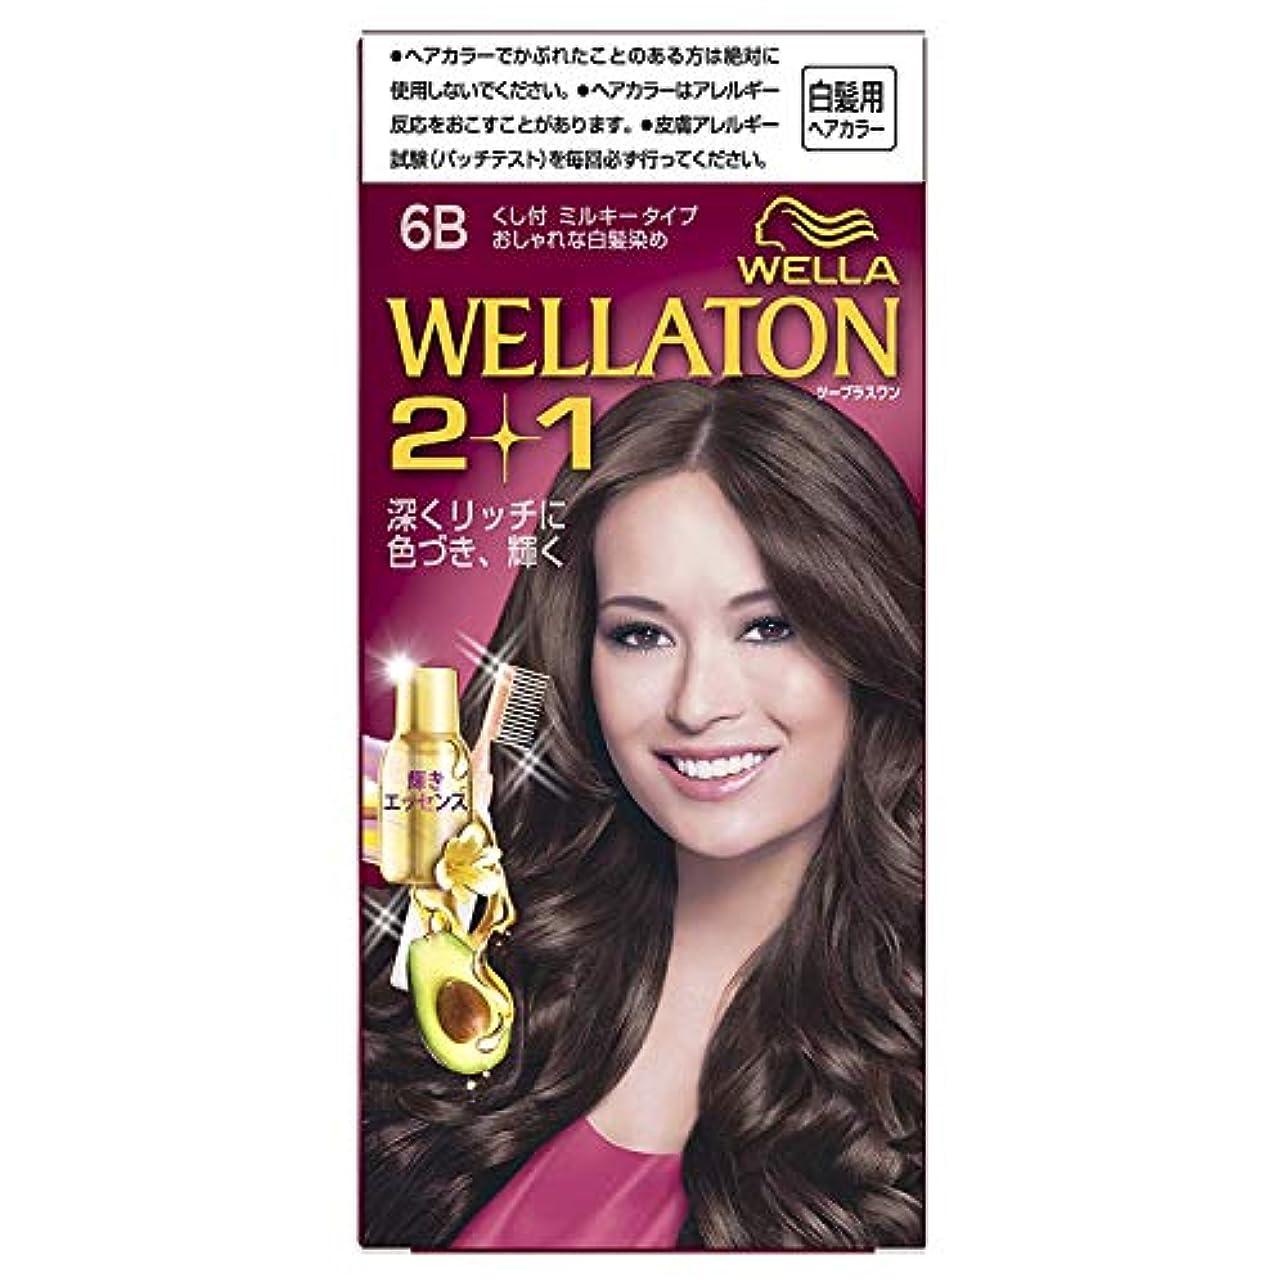 腹痛主張する試用ウエラトーン2+1 くし付ミルキータイプ 6B [医薬部外品] ×6個